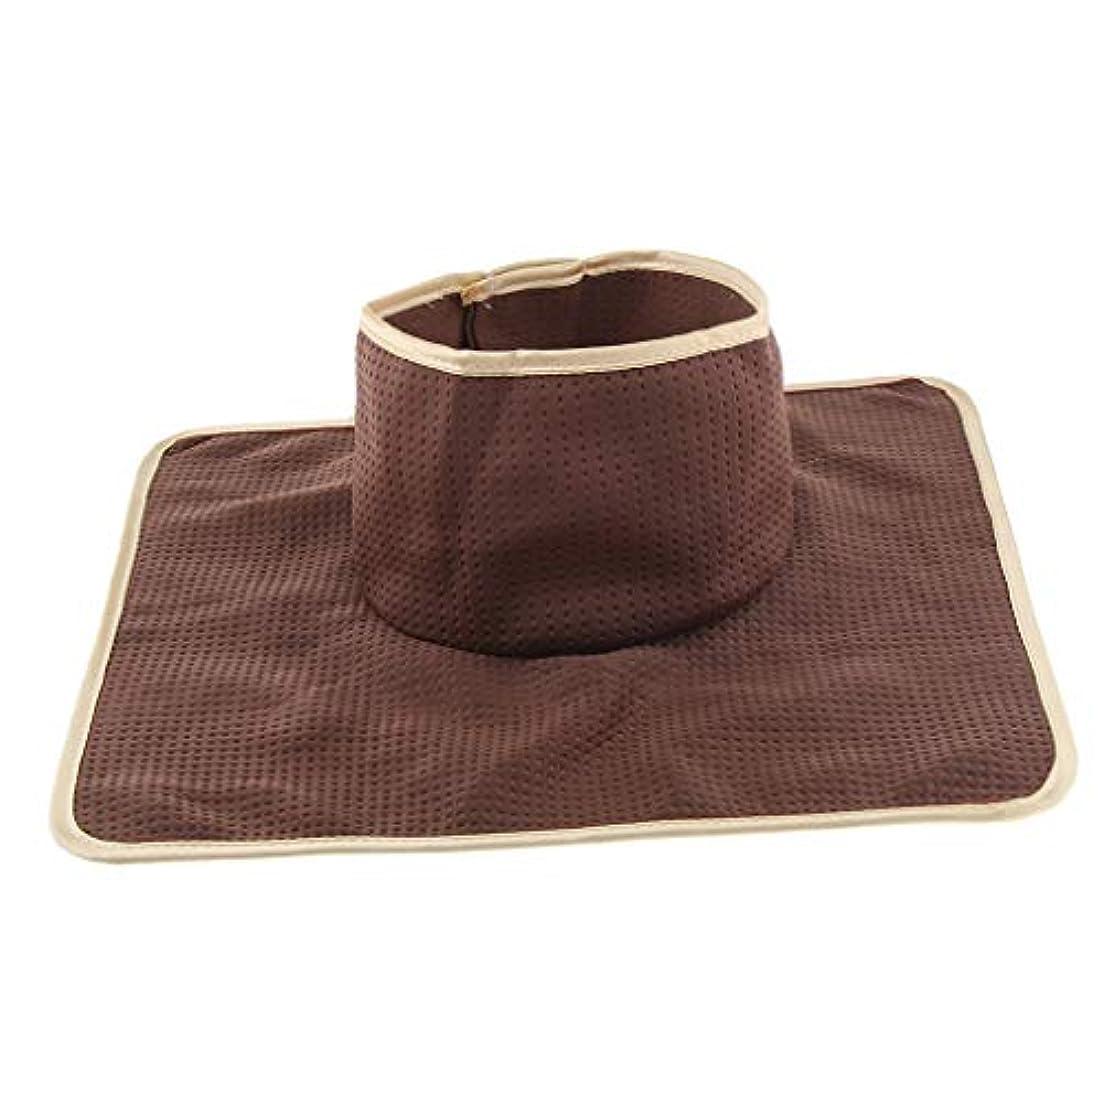 赤道比類のない弓マッサージベッド サロンテーブル シート パッド 頭の穴 洗濯可能 約35×35cm 全3色 - コーヒー